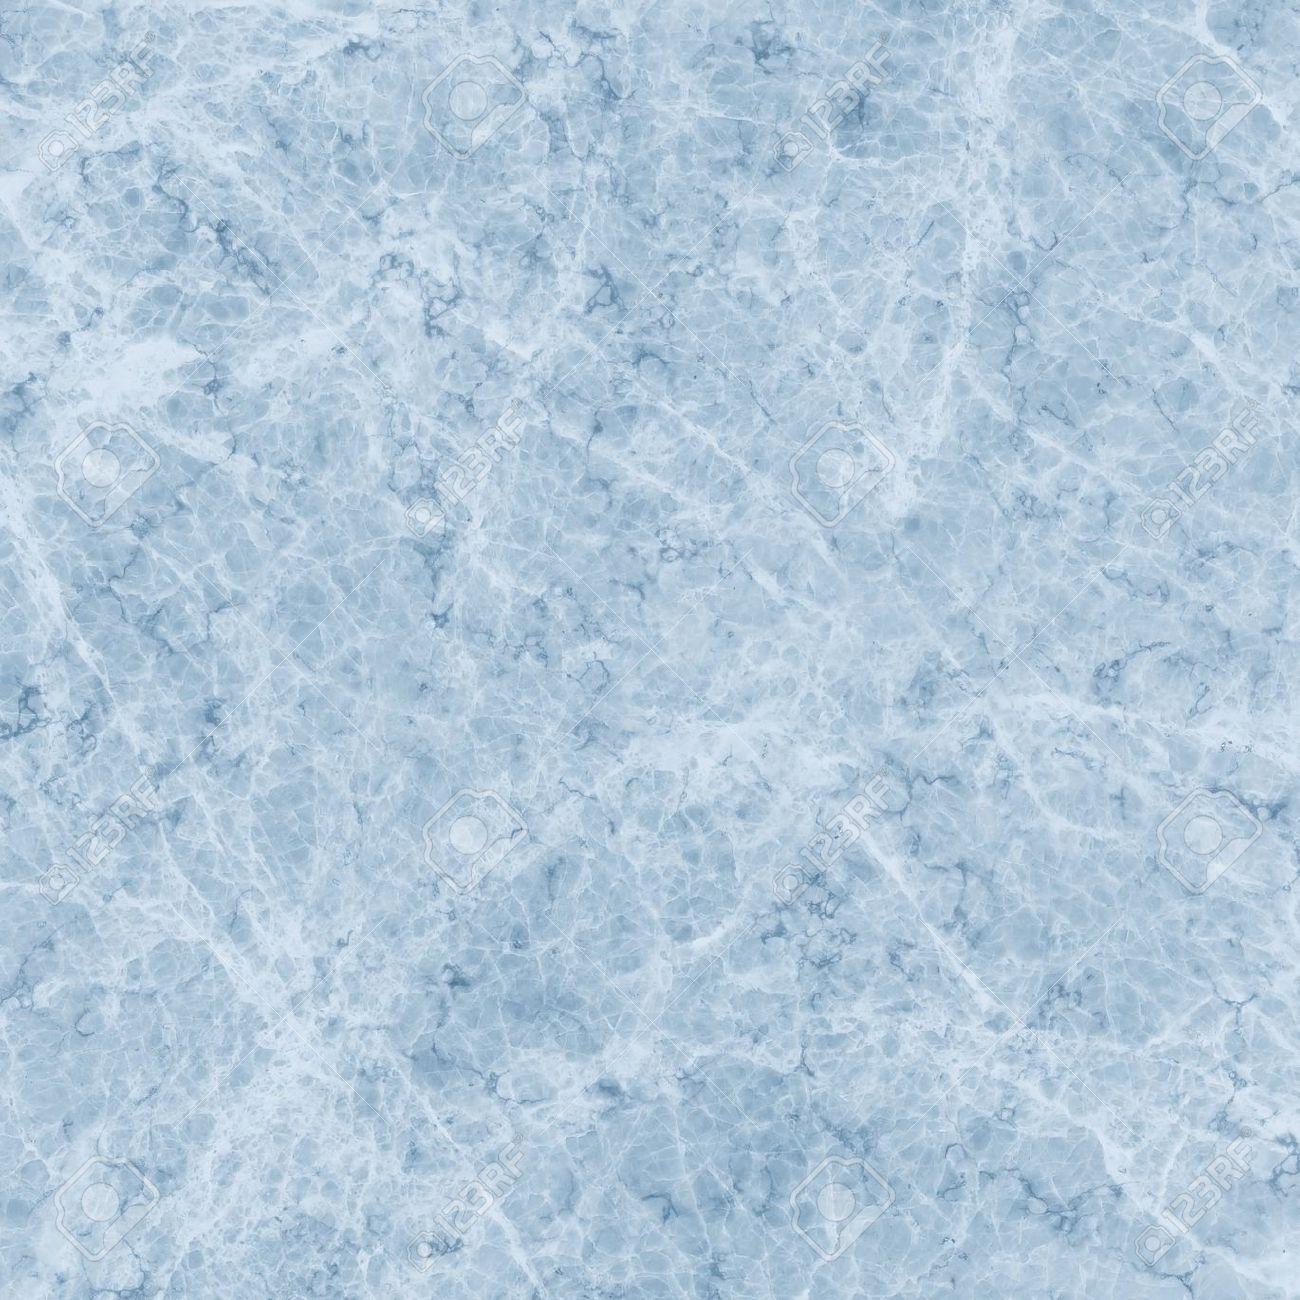 High Resolution Wallpaper Light Blue Blue Marble Wallpaper